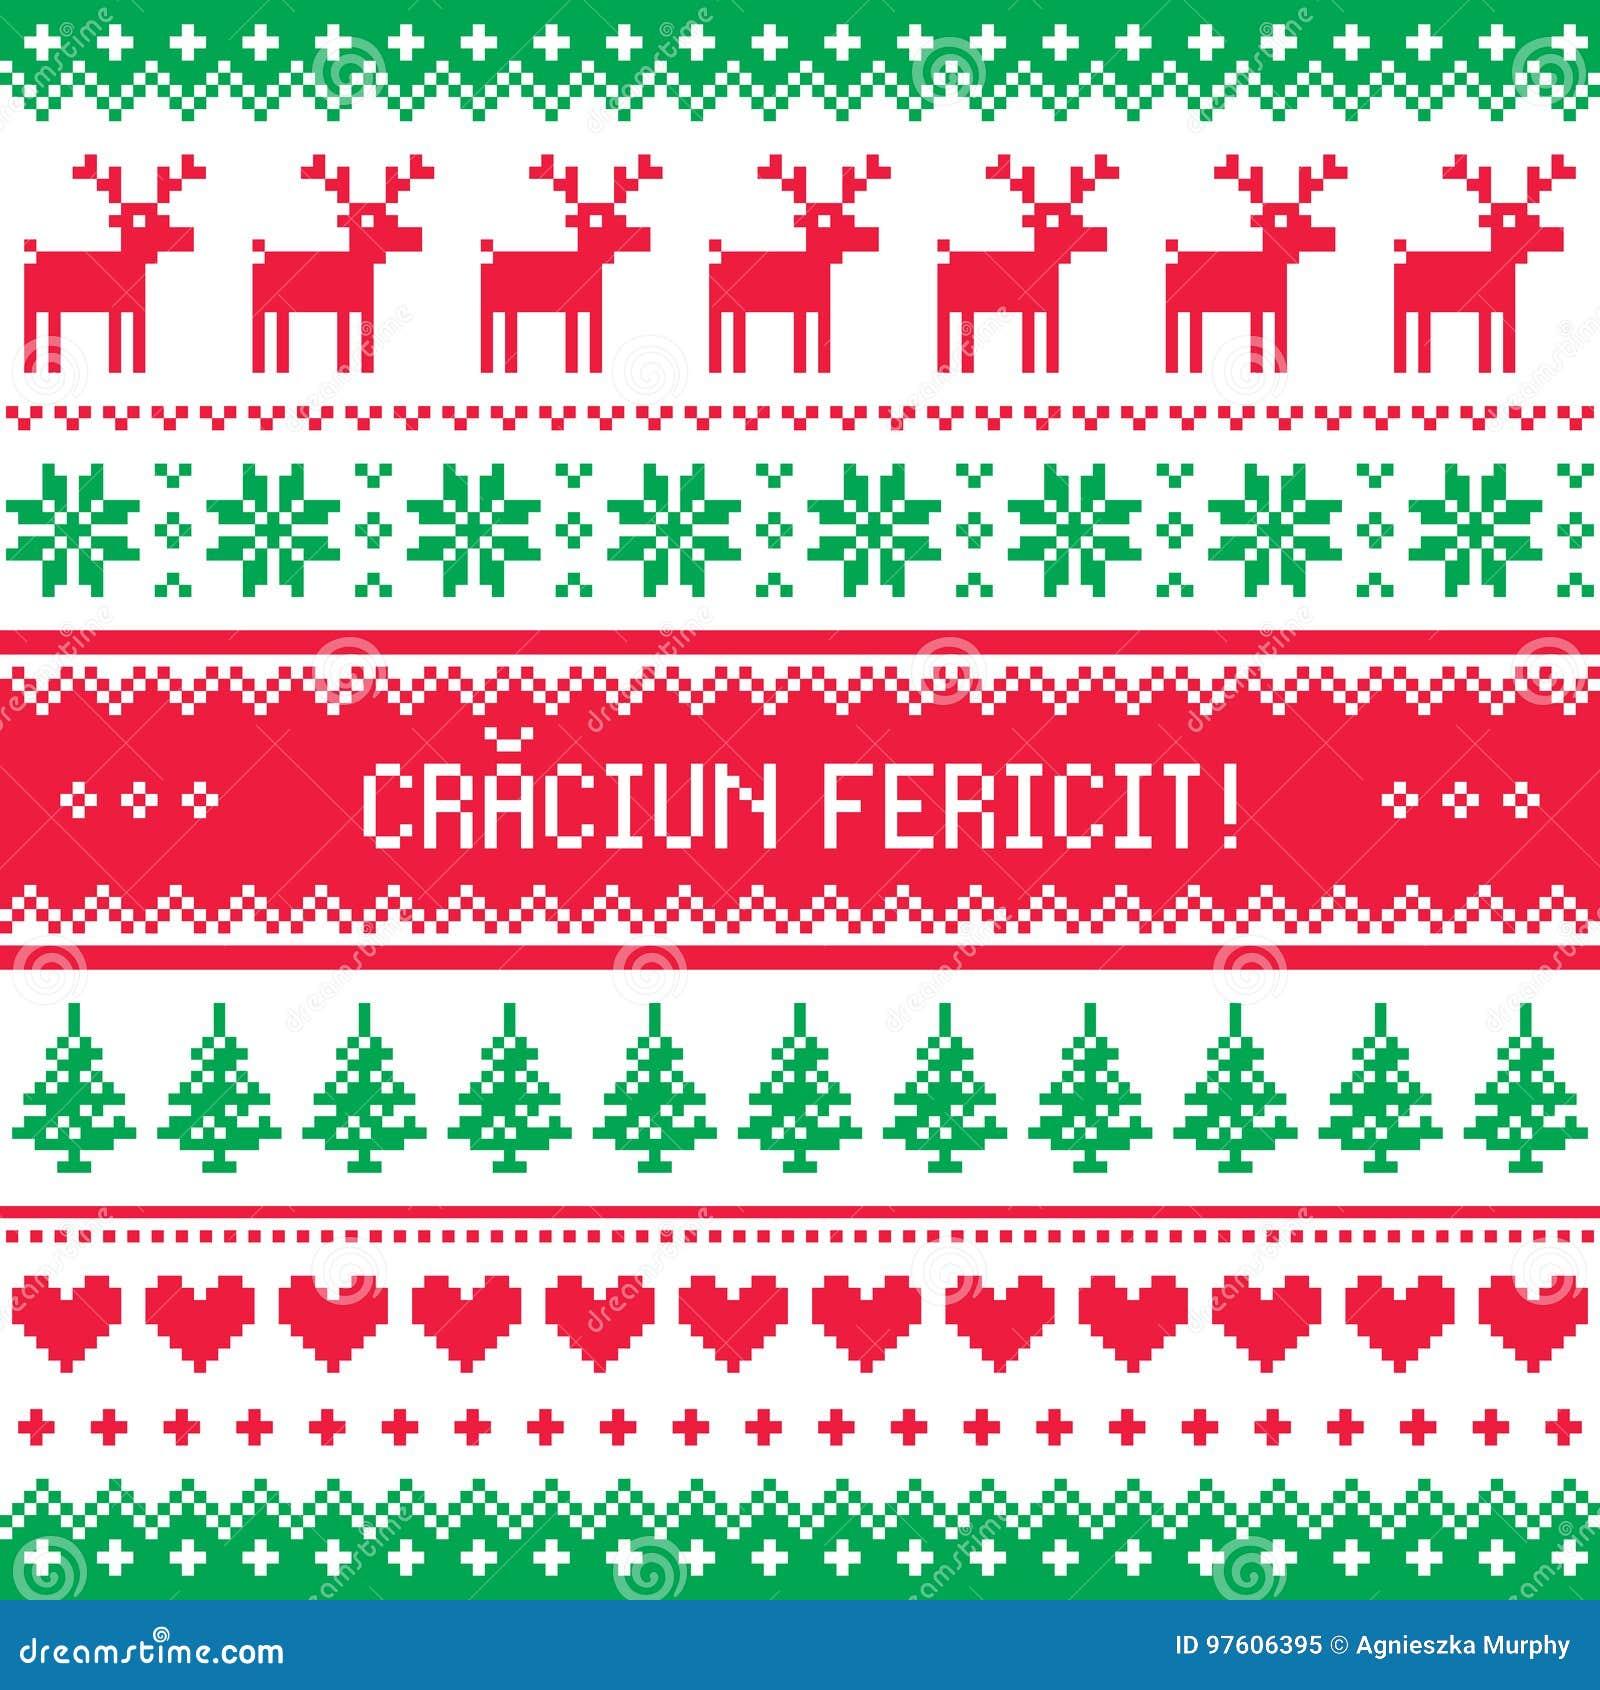 Carte de voeux de Craciun Fericit - Joyeux Noël dans le modèle roumain